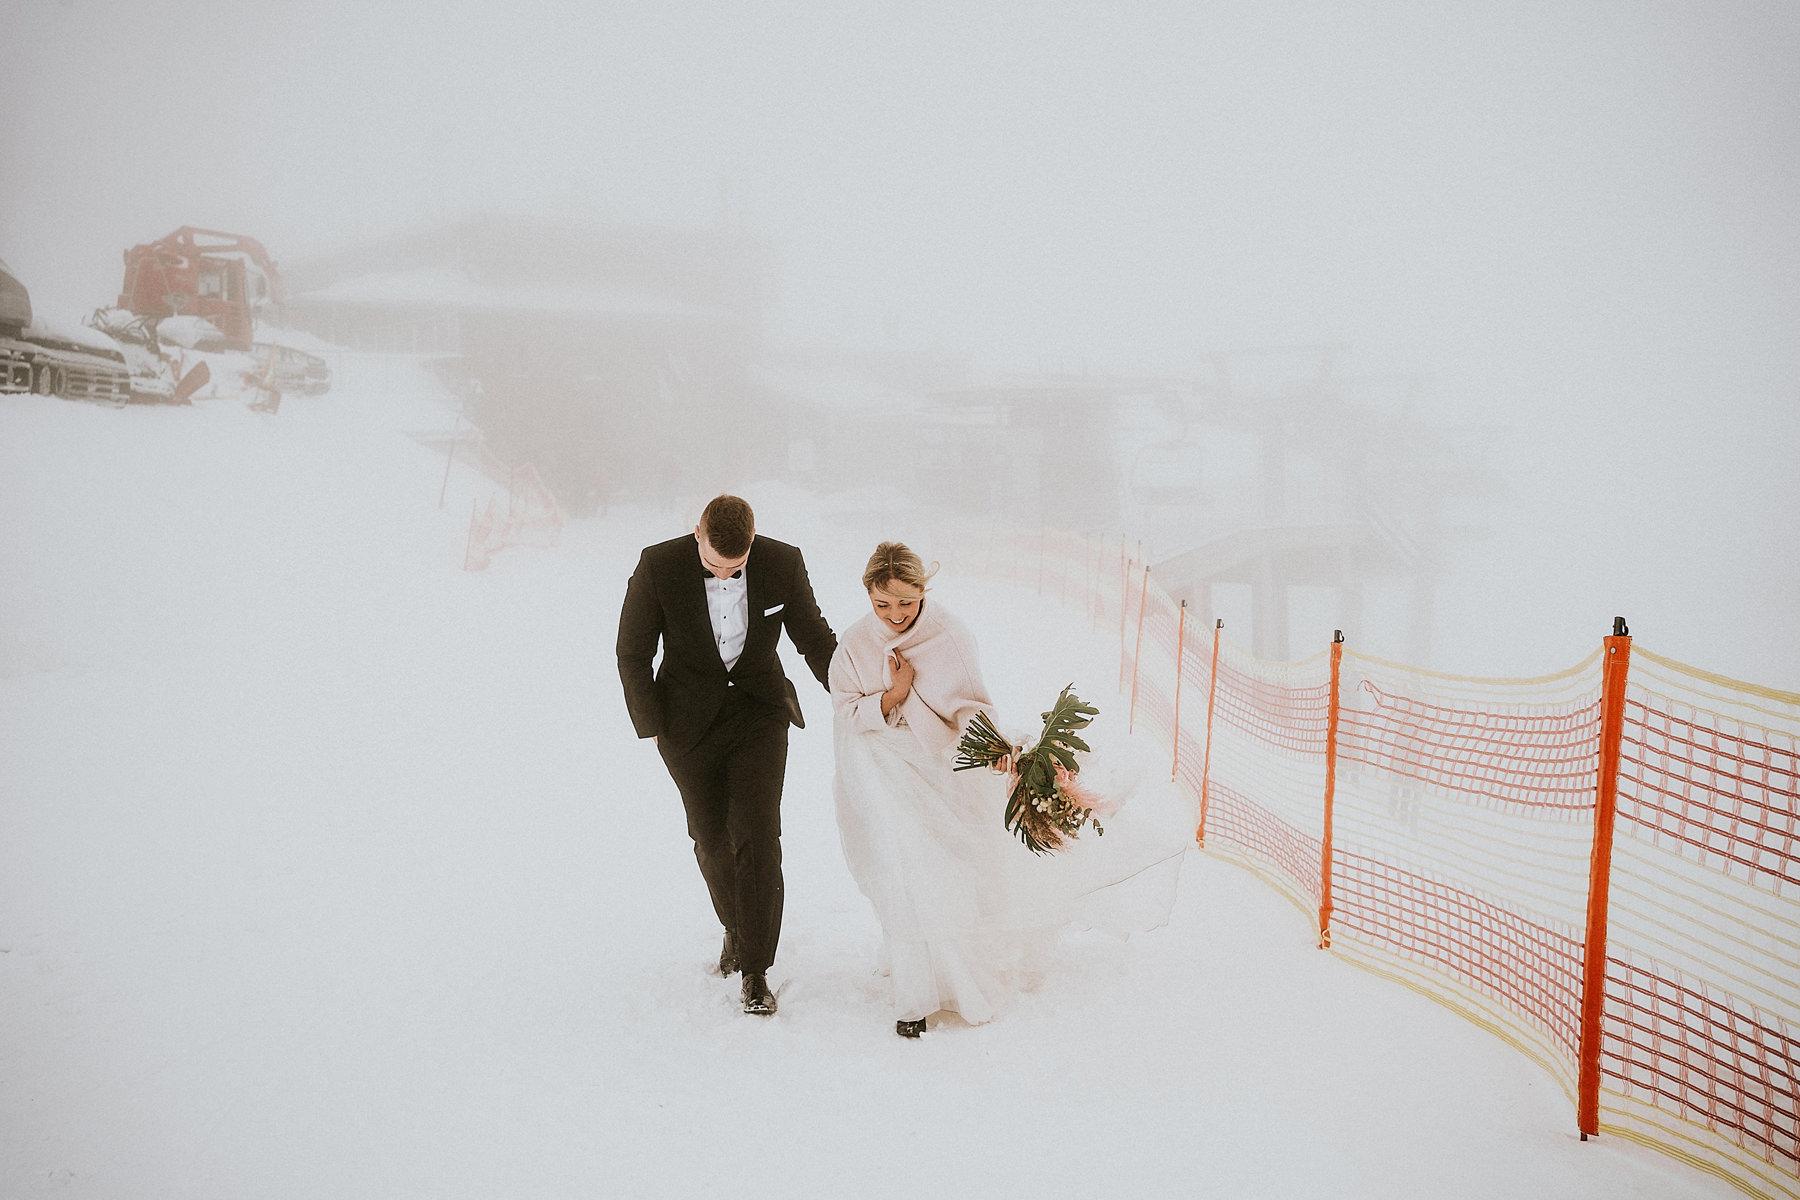 zimowa sesja poślubną w górach